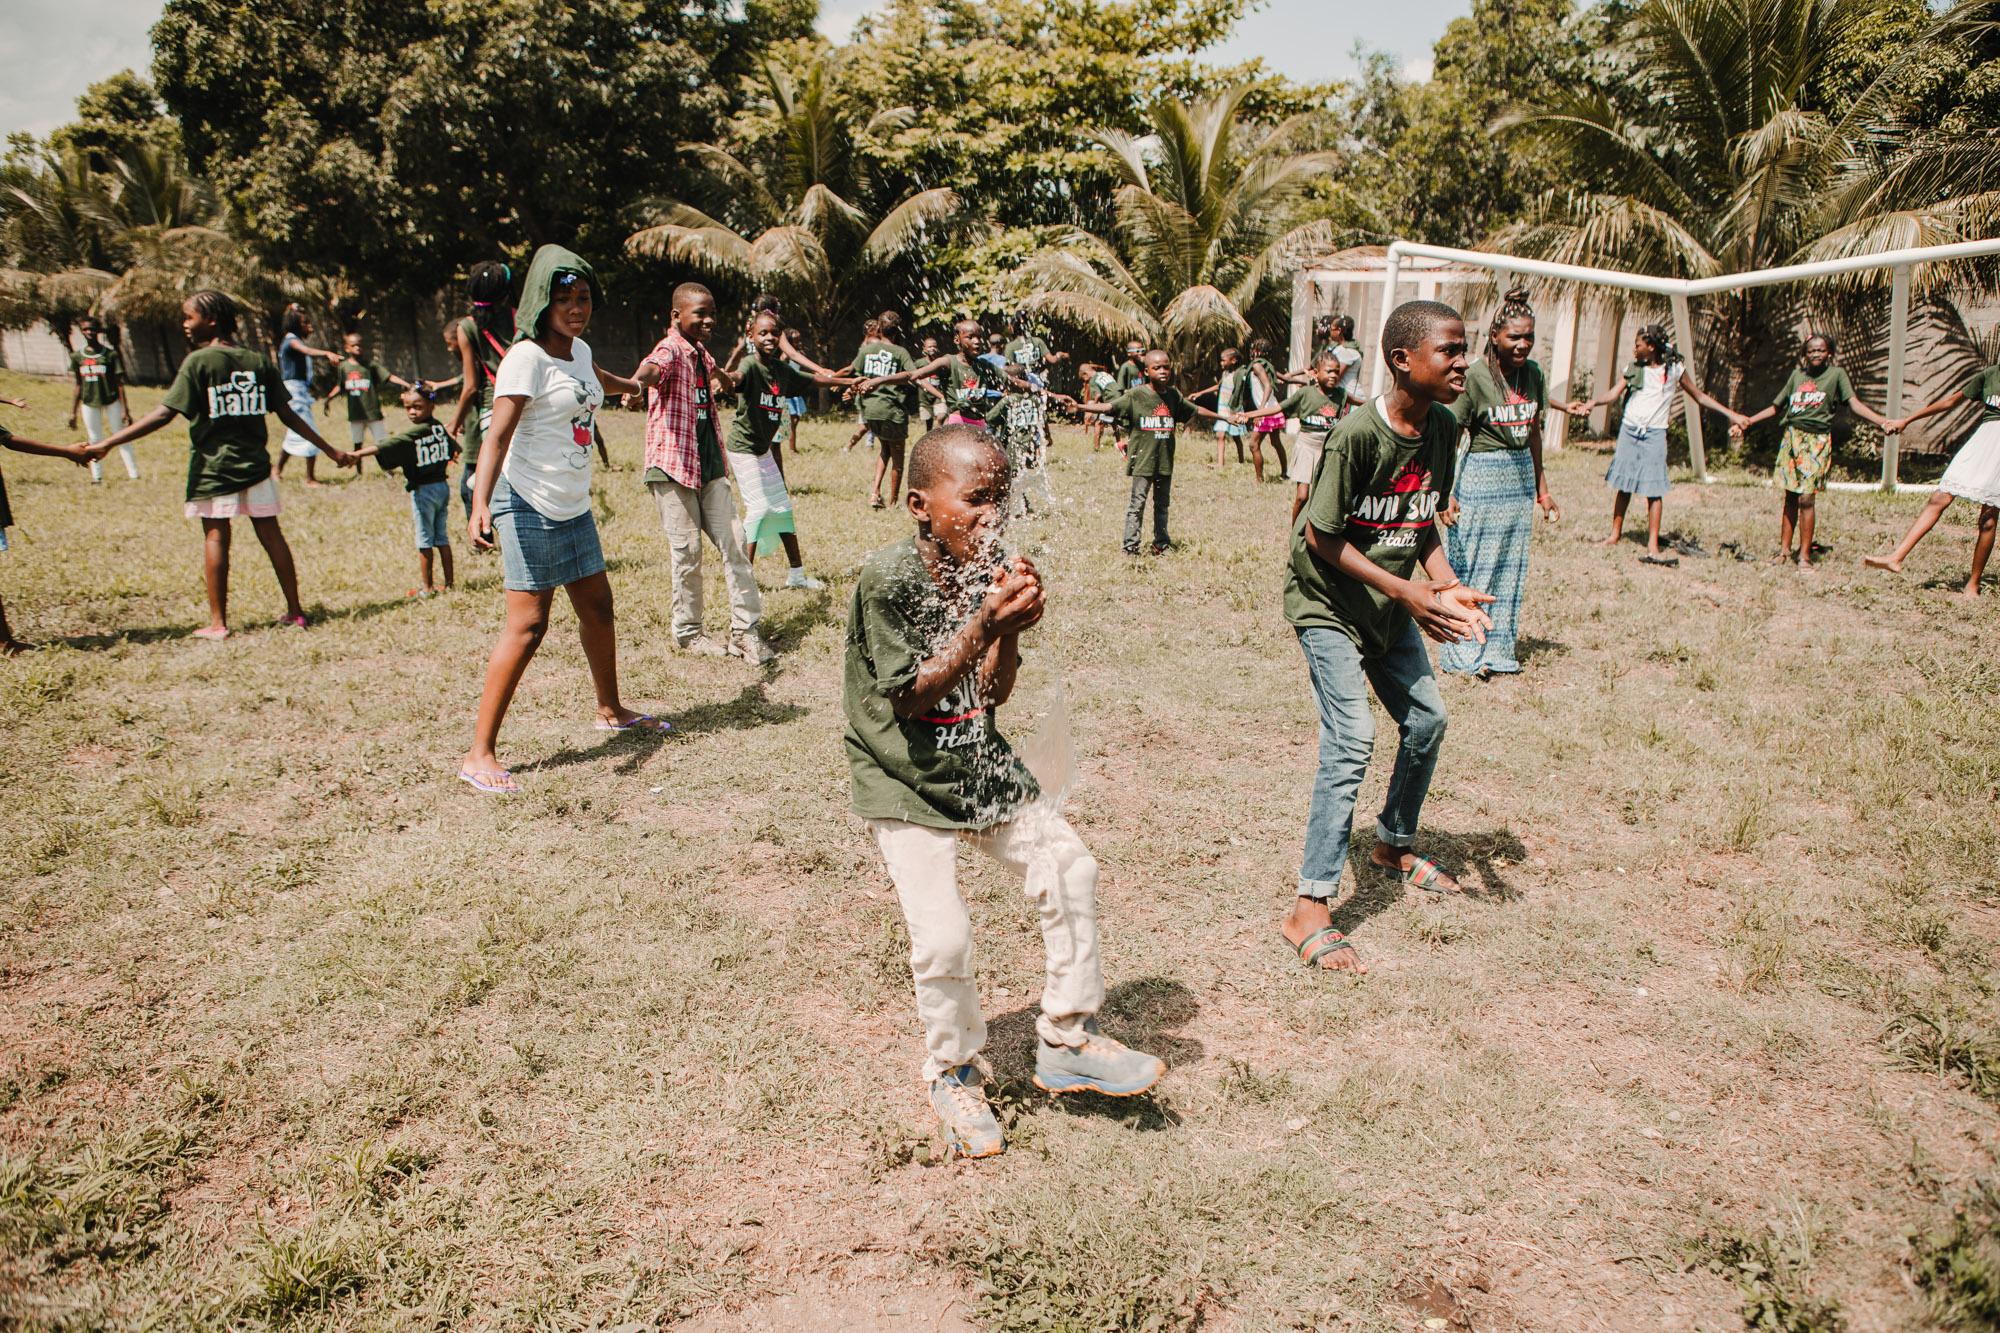 20190614_Surf City Haiti Blog_038_web.jpg